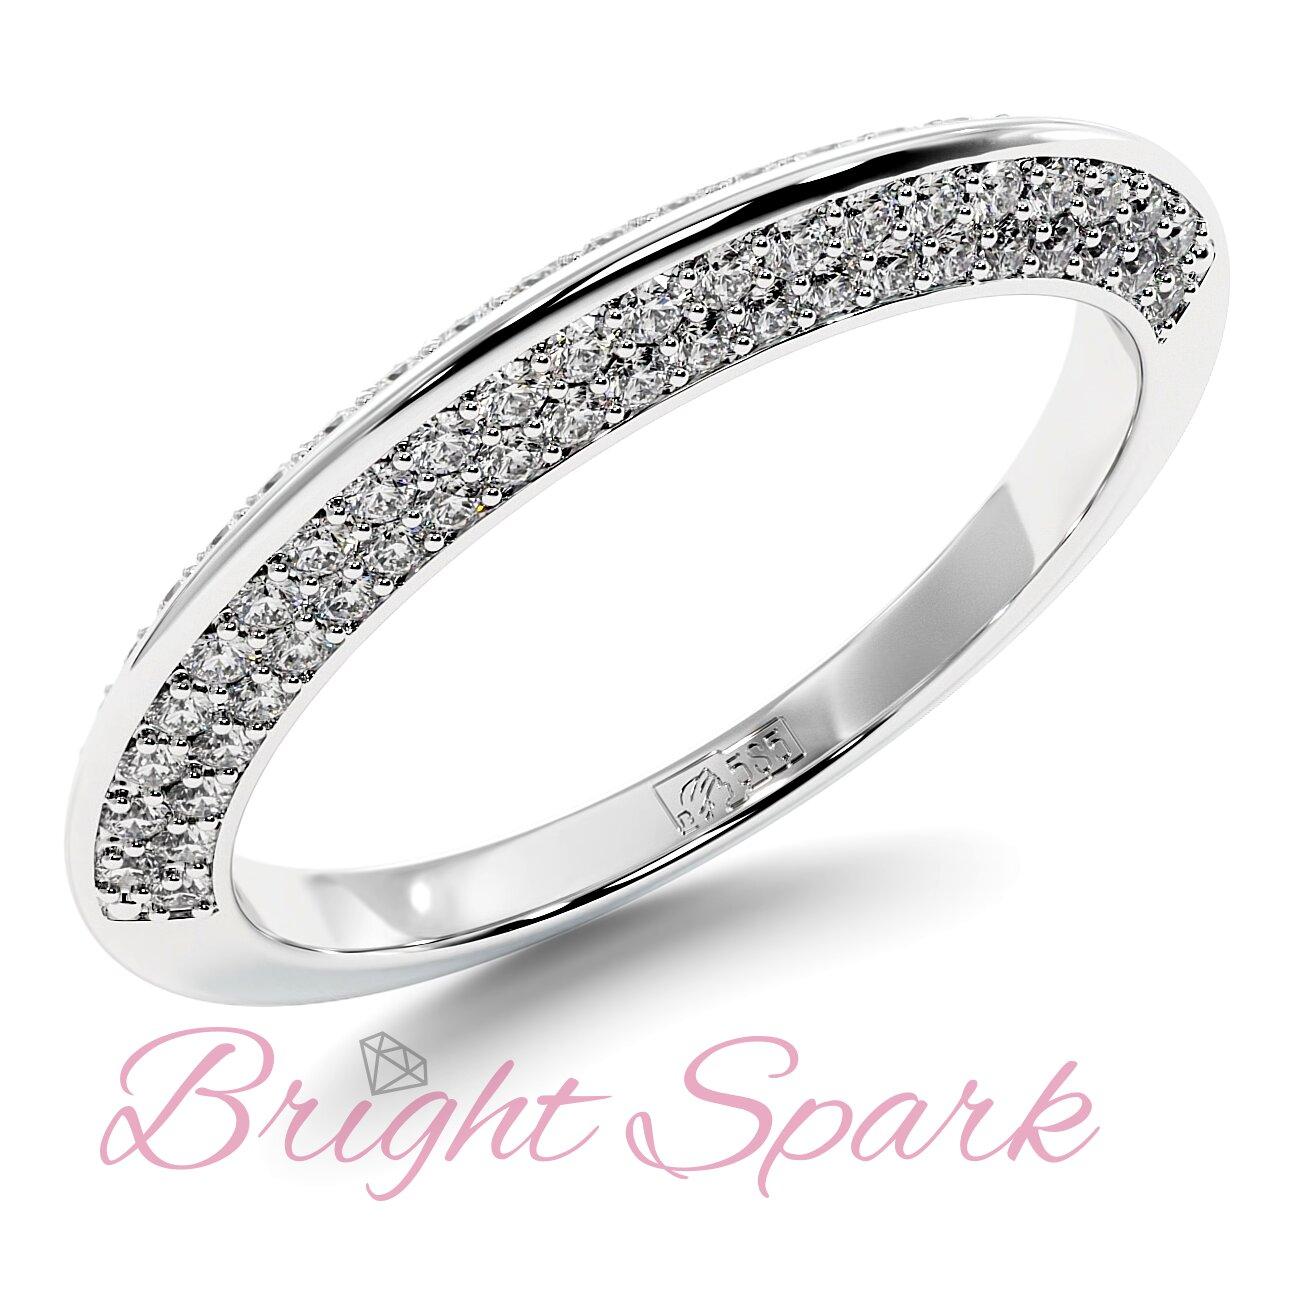 Обручальное кольцо  белого золота усыпанное камнями Melanie 0,5 карата